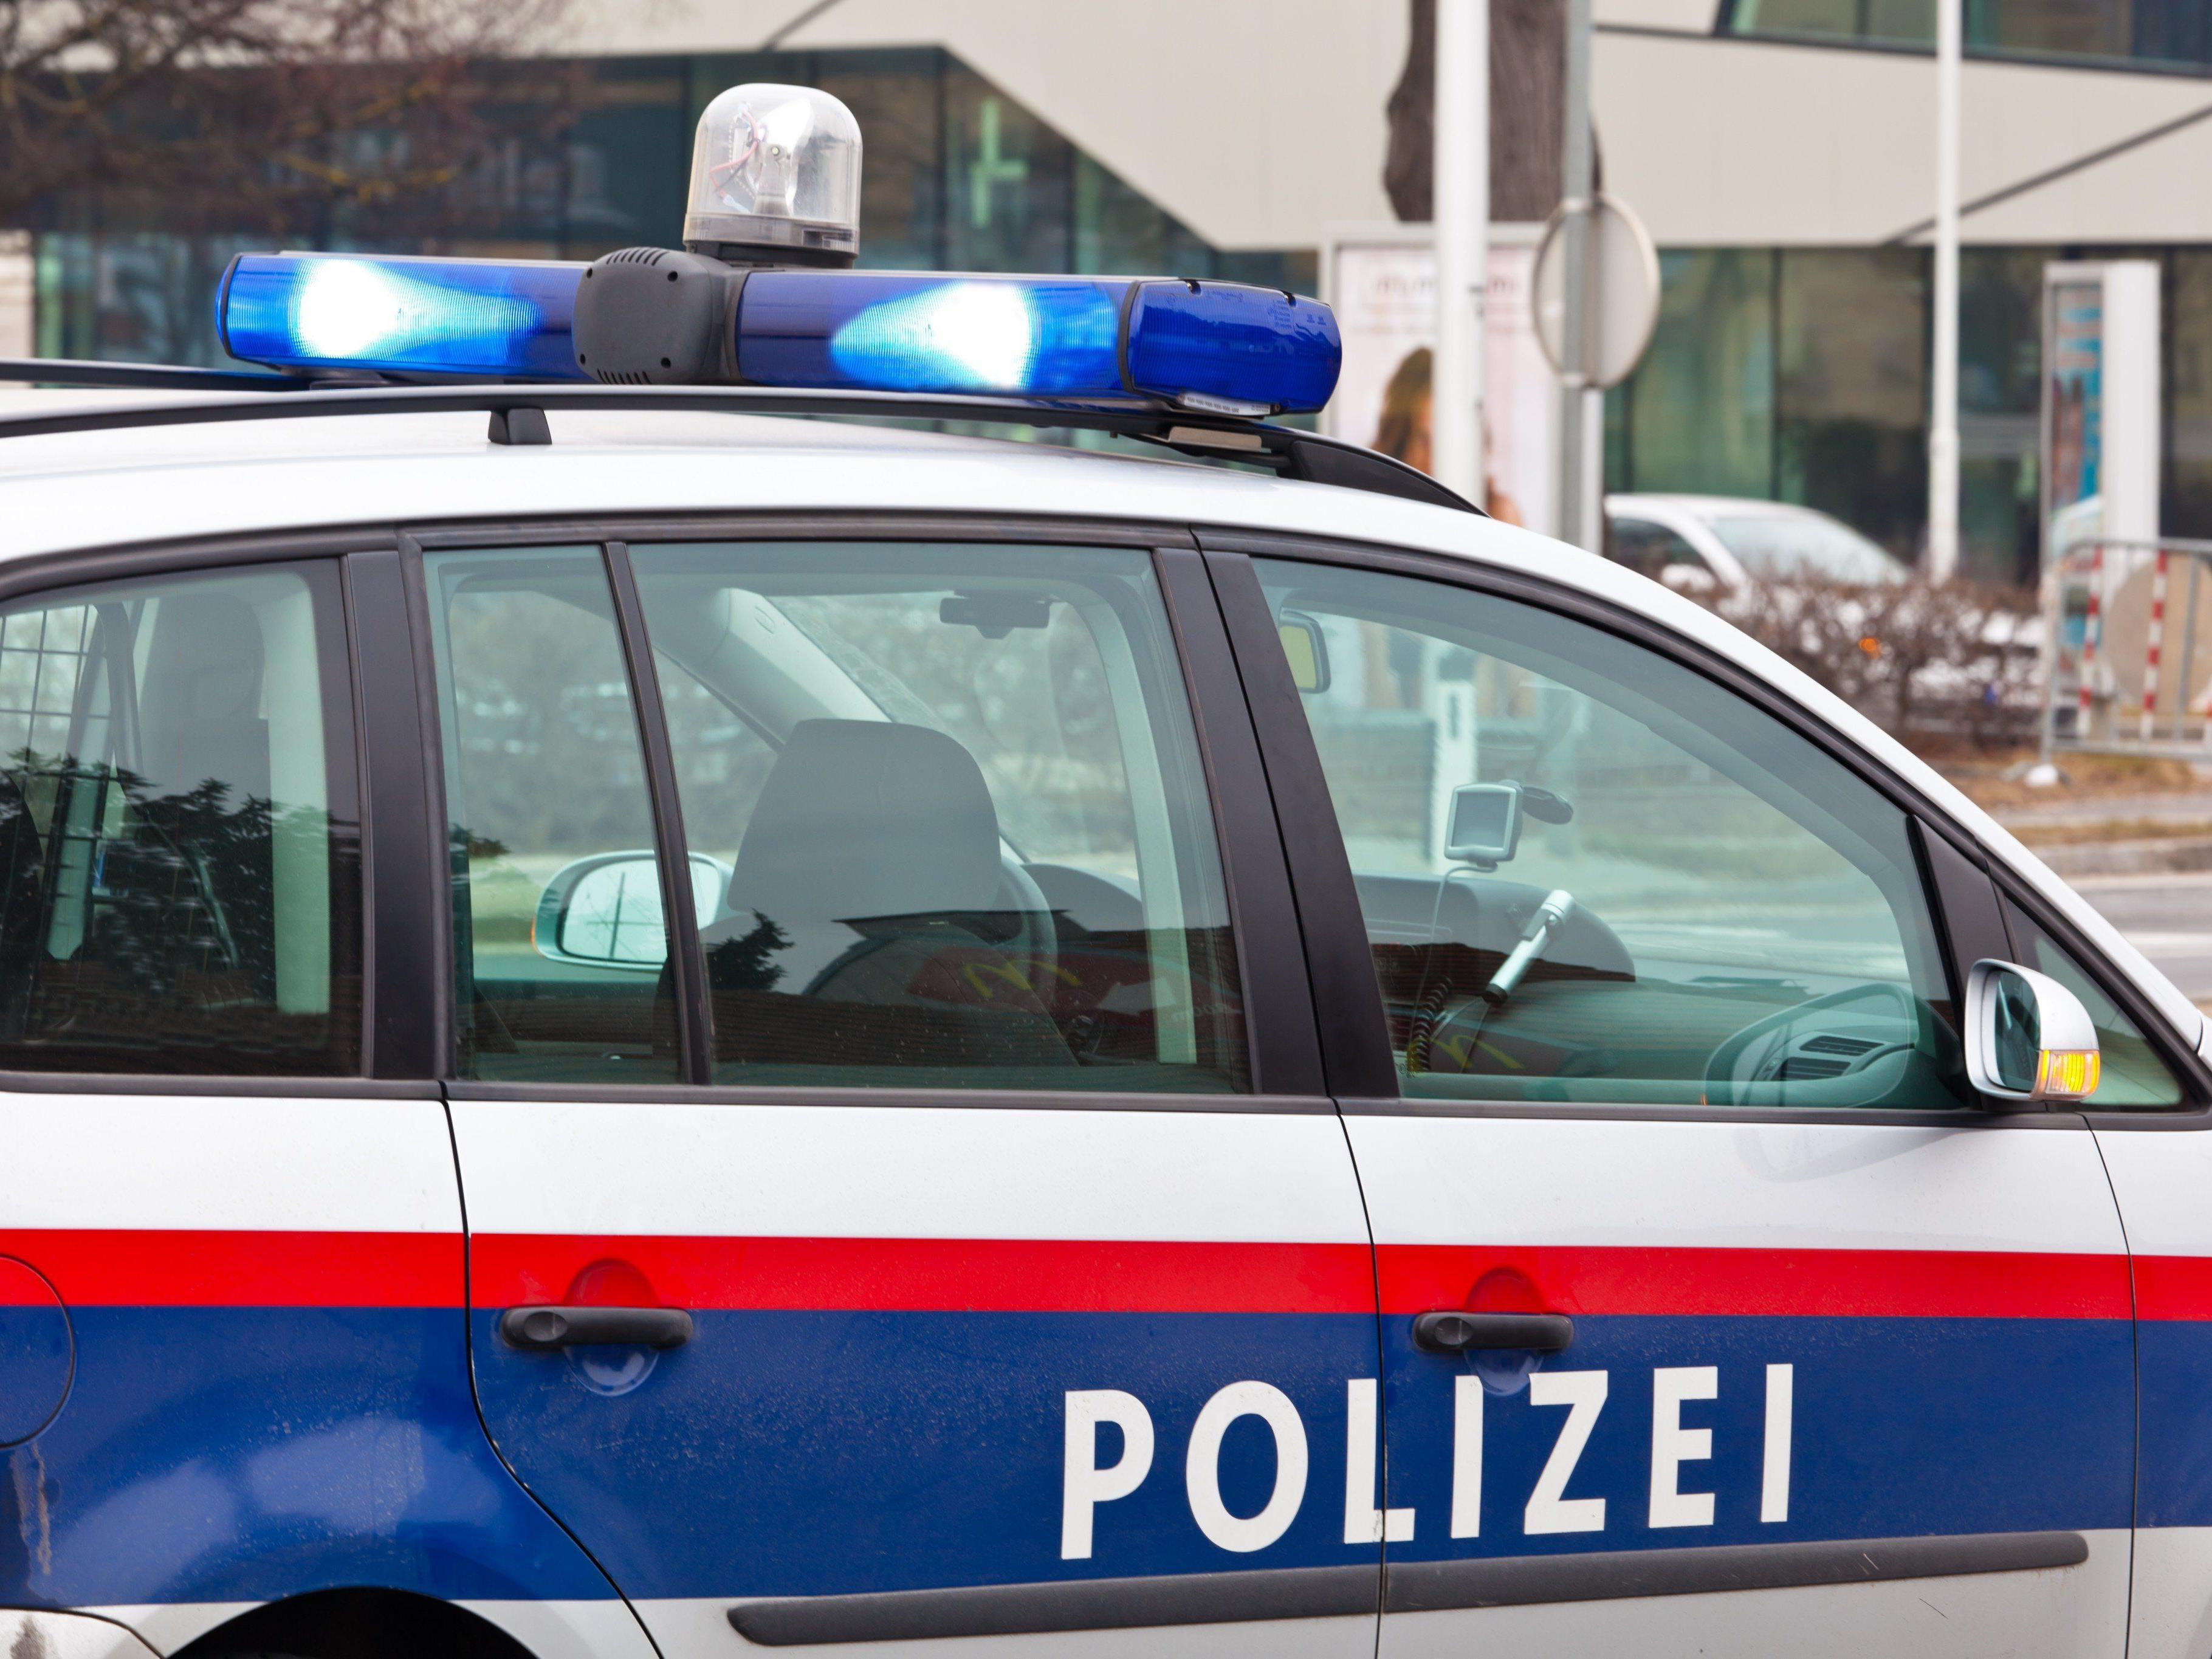 Die Polizei sucht nach dem Lenker eines grünen Peugeot.